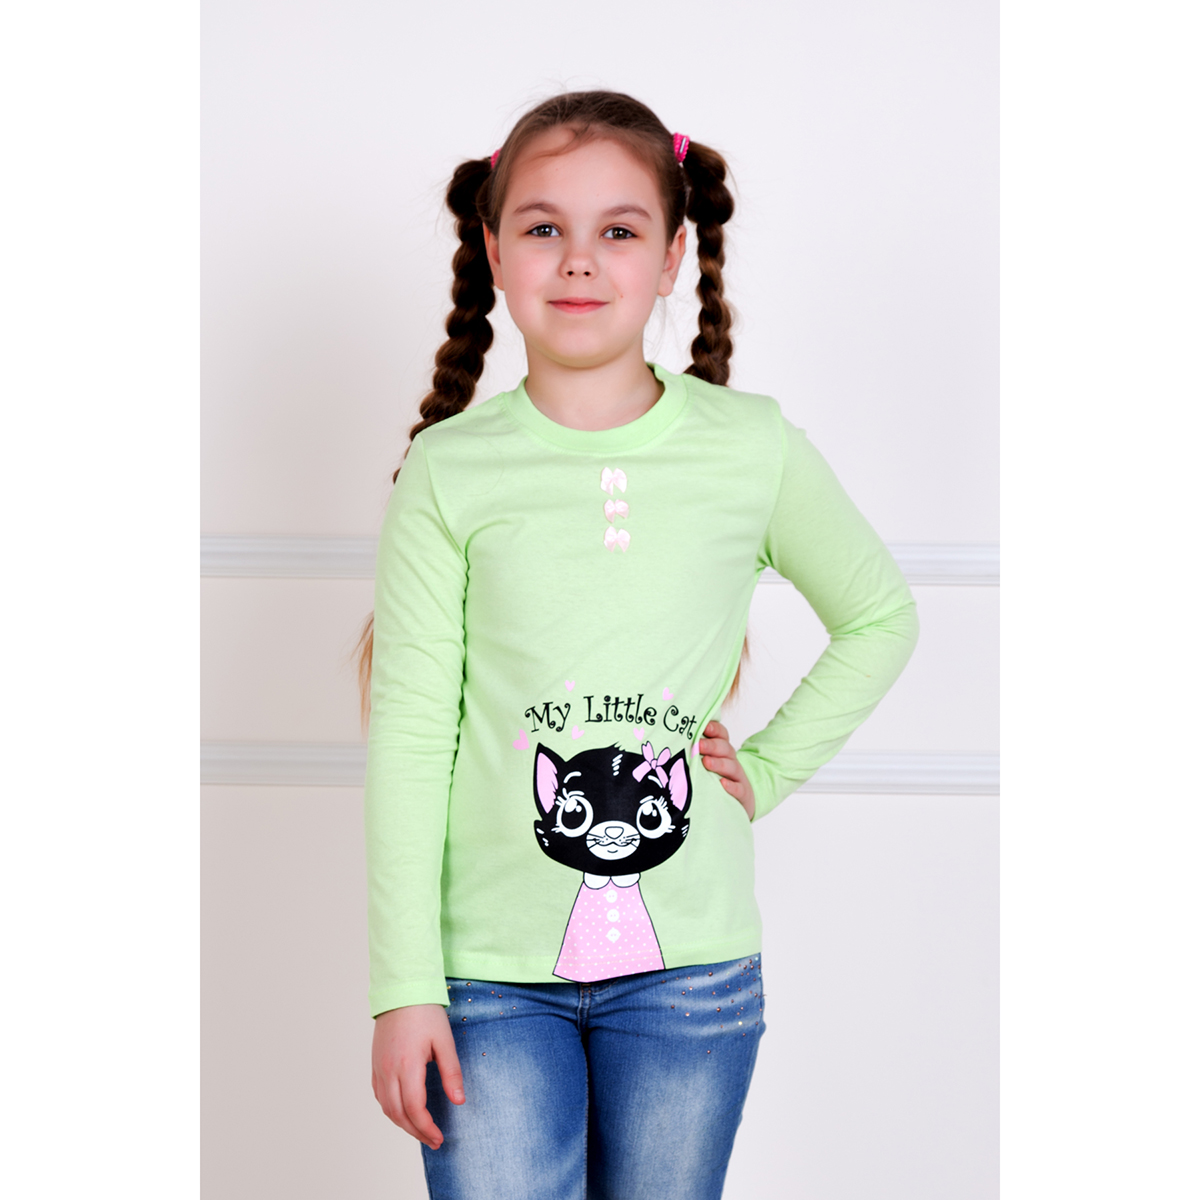 Детская футболка Кэт Салатовый, размер 4 годаМайки и футболки<br><br><br>Тип: Дет. футболка<br>Размер: 4 года<br>Материал: Кулирка